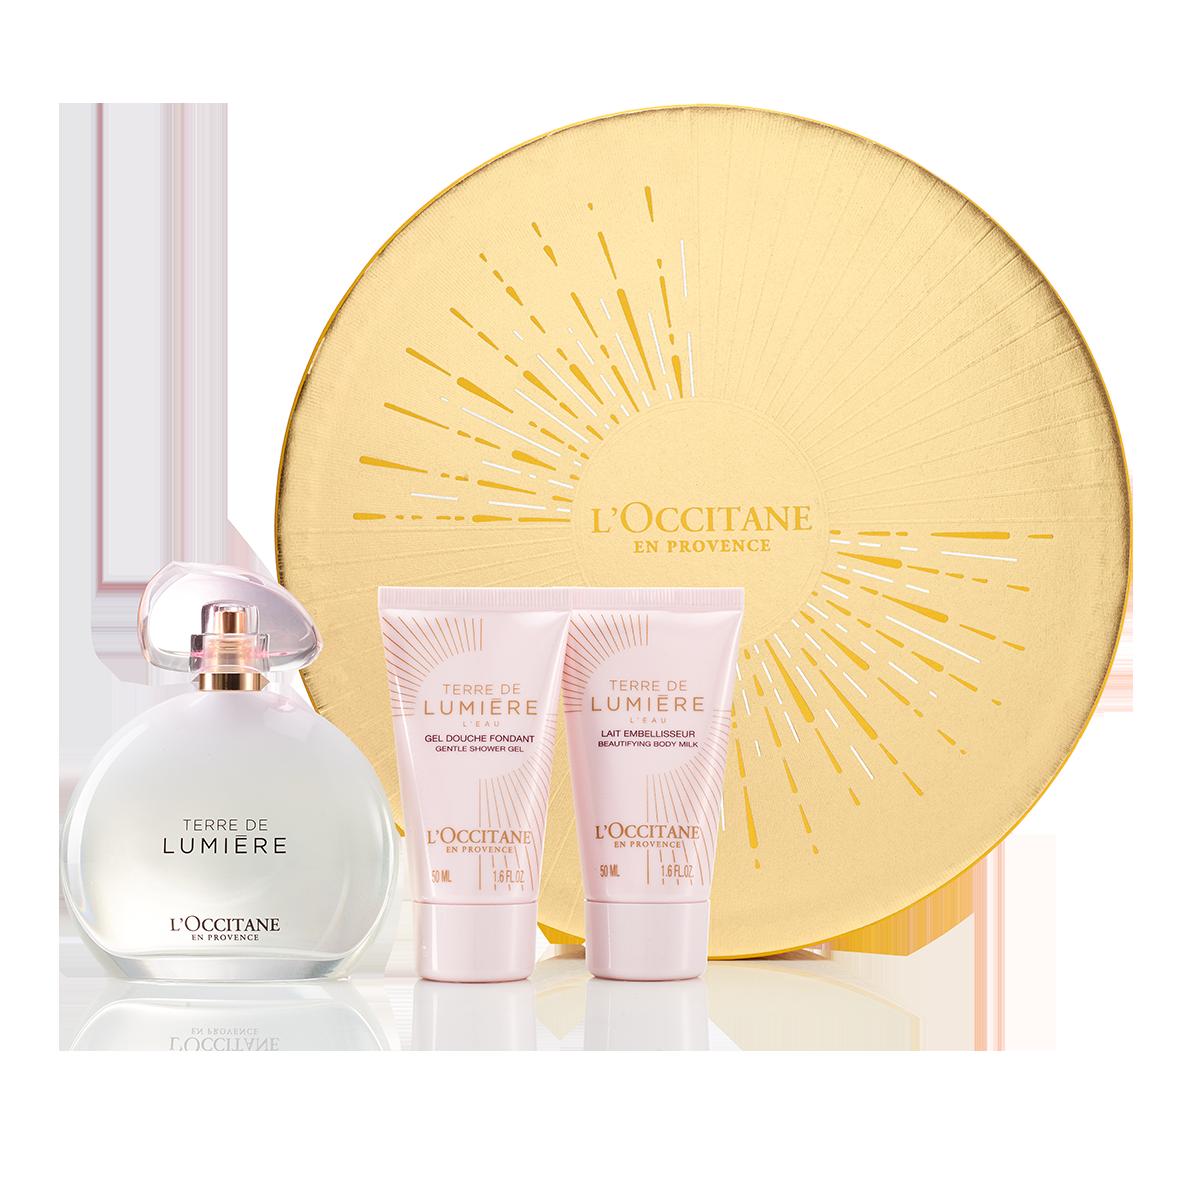 Collection Parfums Terre de Lumière L'Eau - L'Occitane